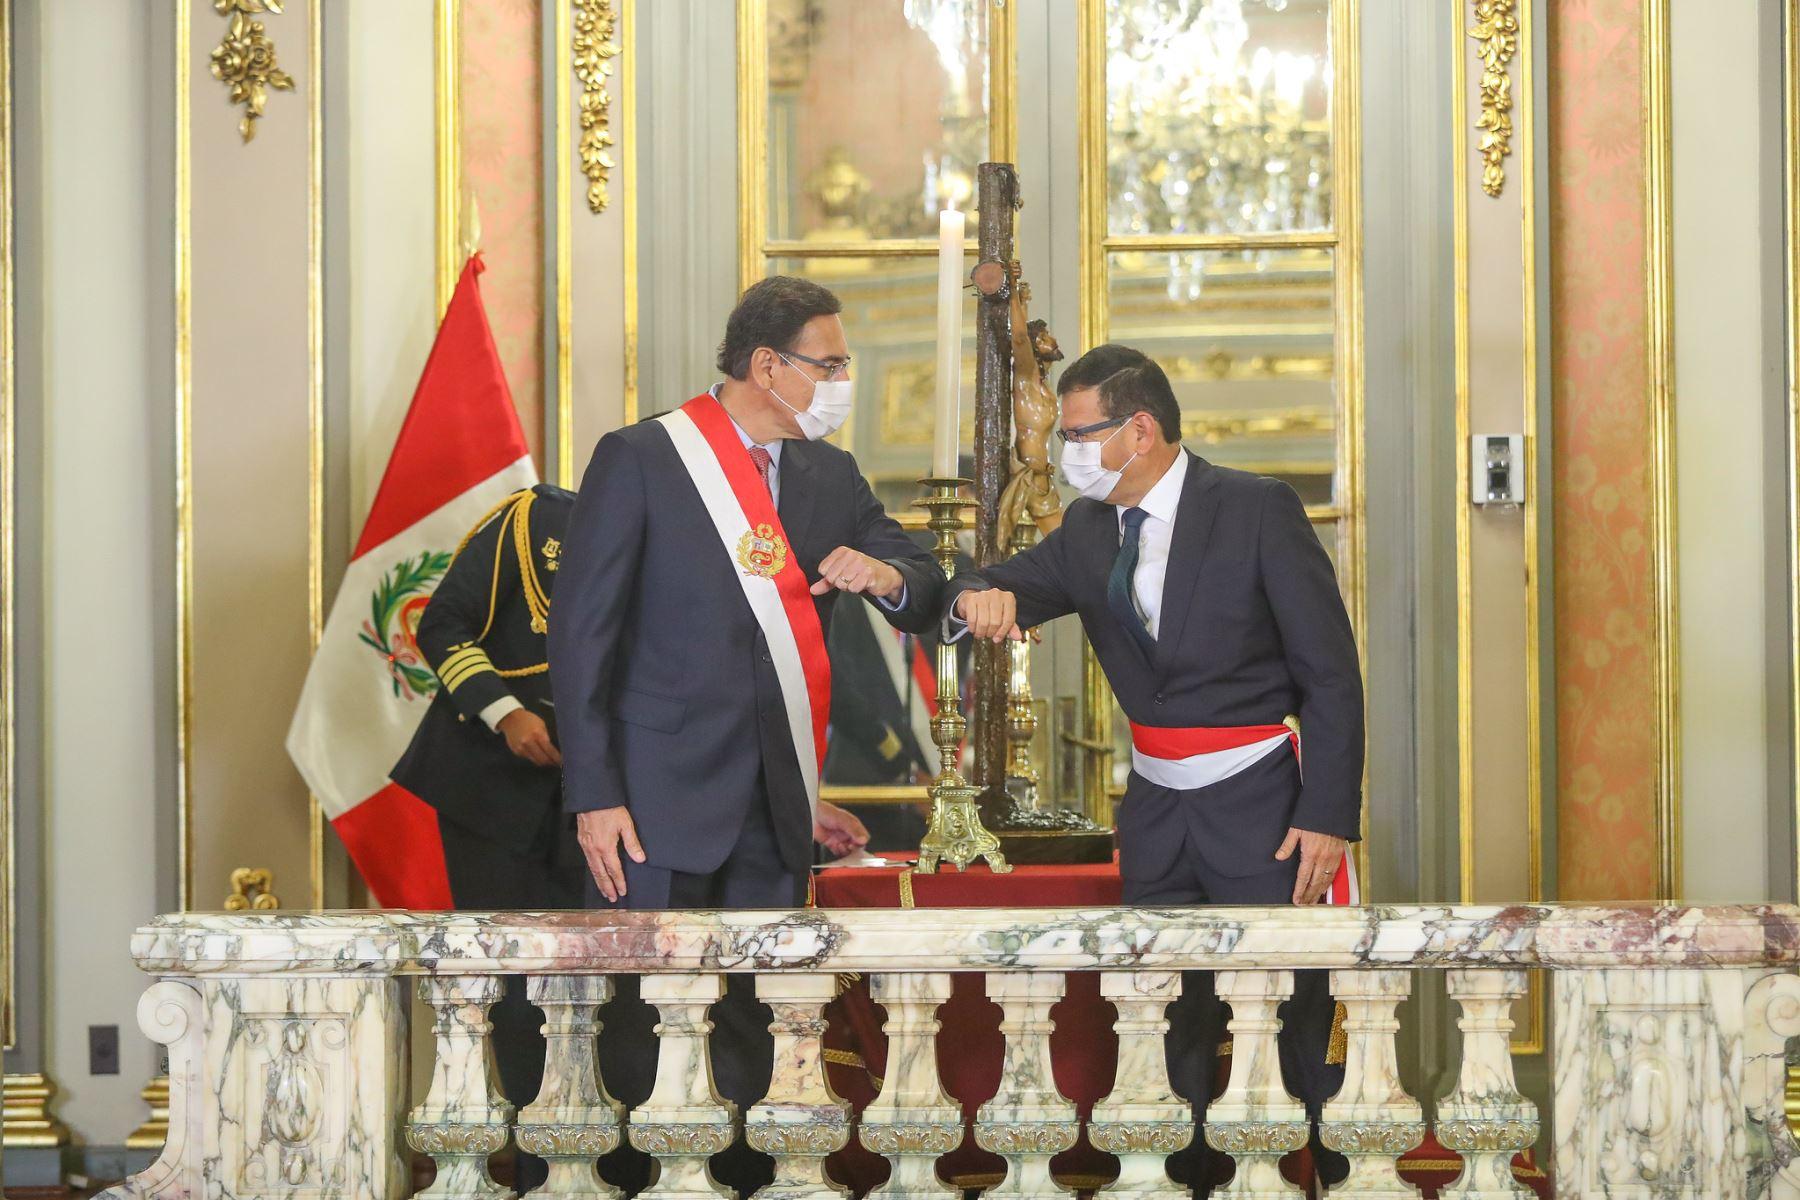 El presidente de la República, Martín Vizcarra, toma juramento a Jorge Montenegro como ministro de Agricultura y Riego.  Foto: ANDINA/ Prensa Presidencia